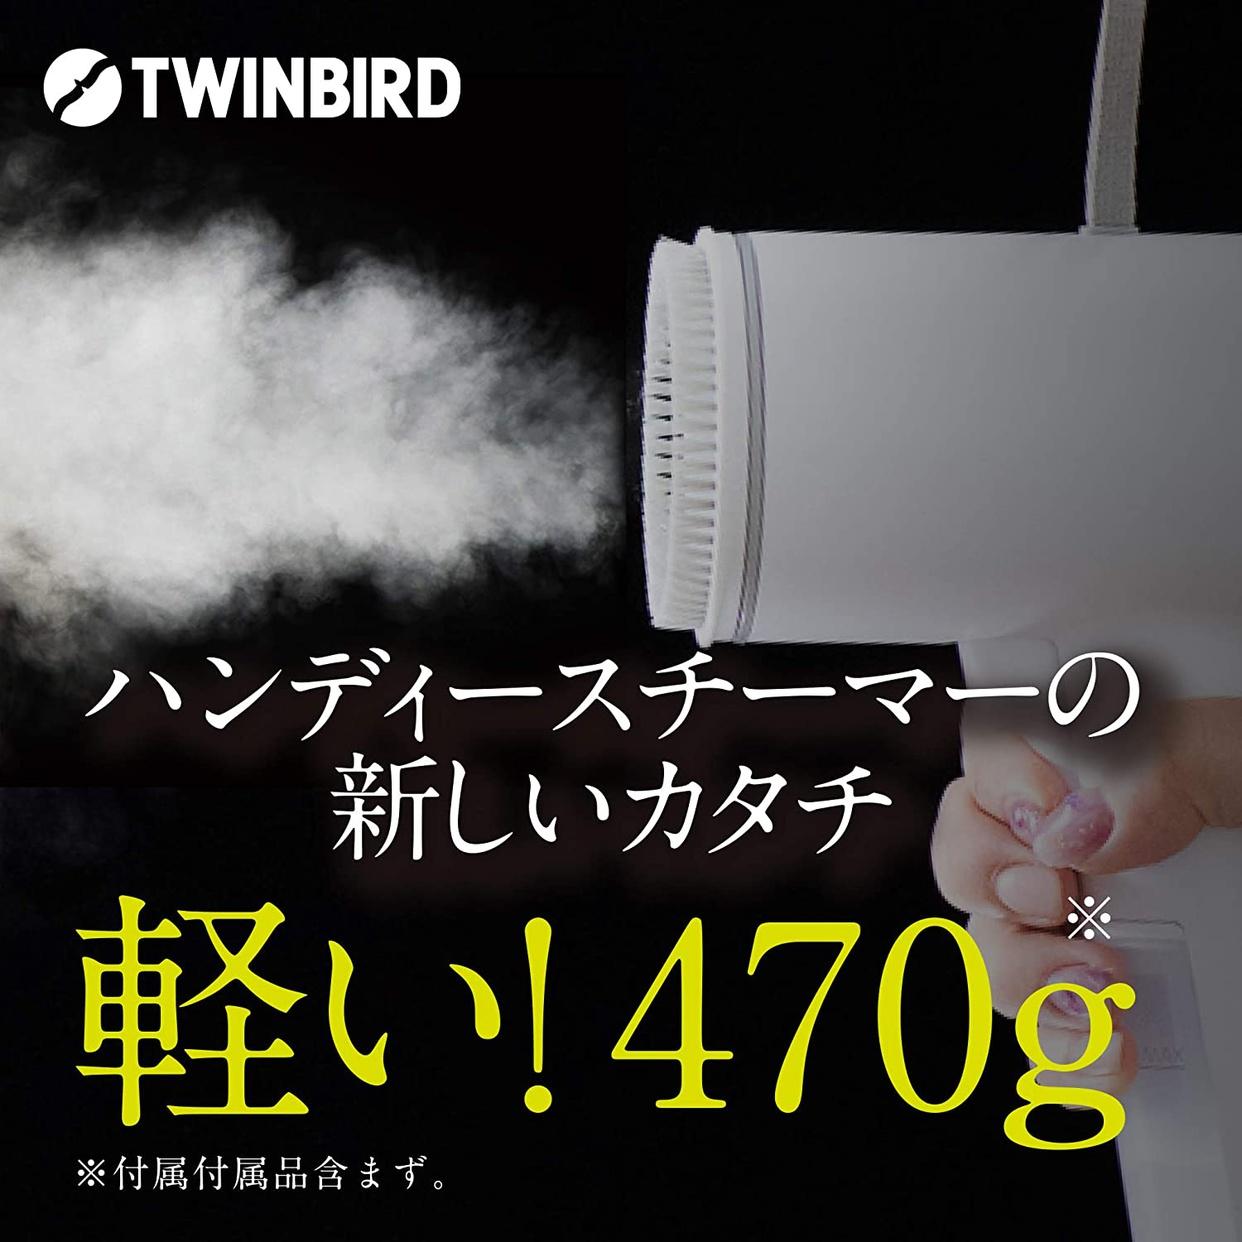 TWINBIRD(ツインバード) ハンディースチーマー SA-D096Wの商品画像2